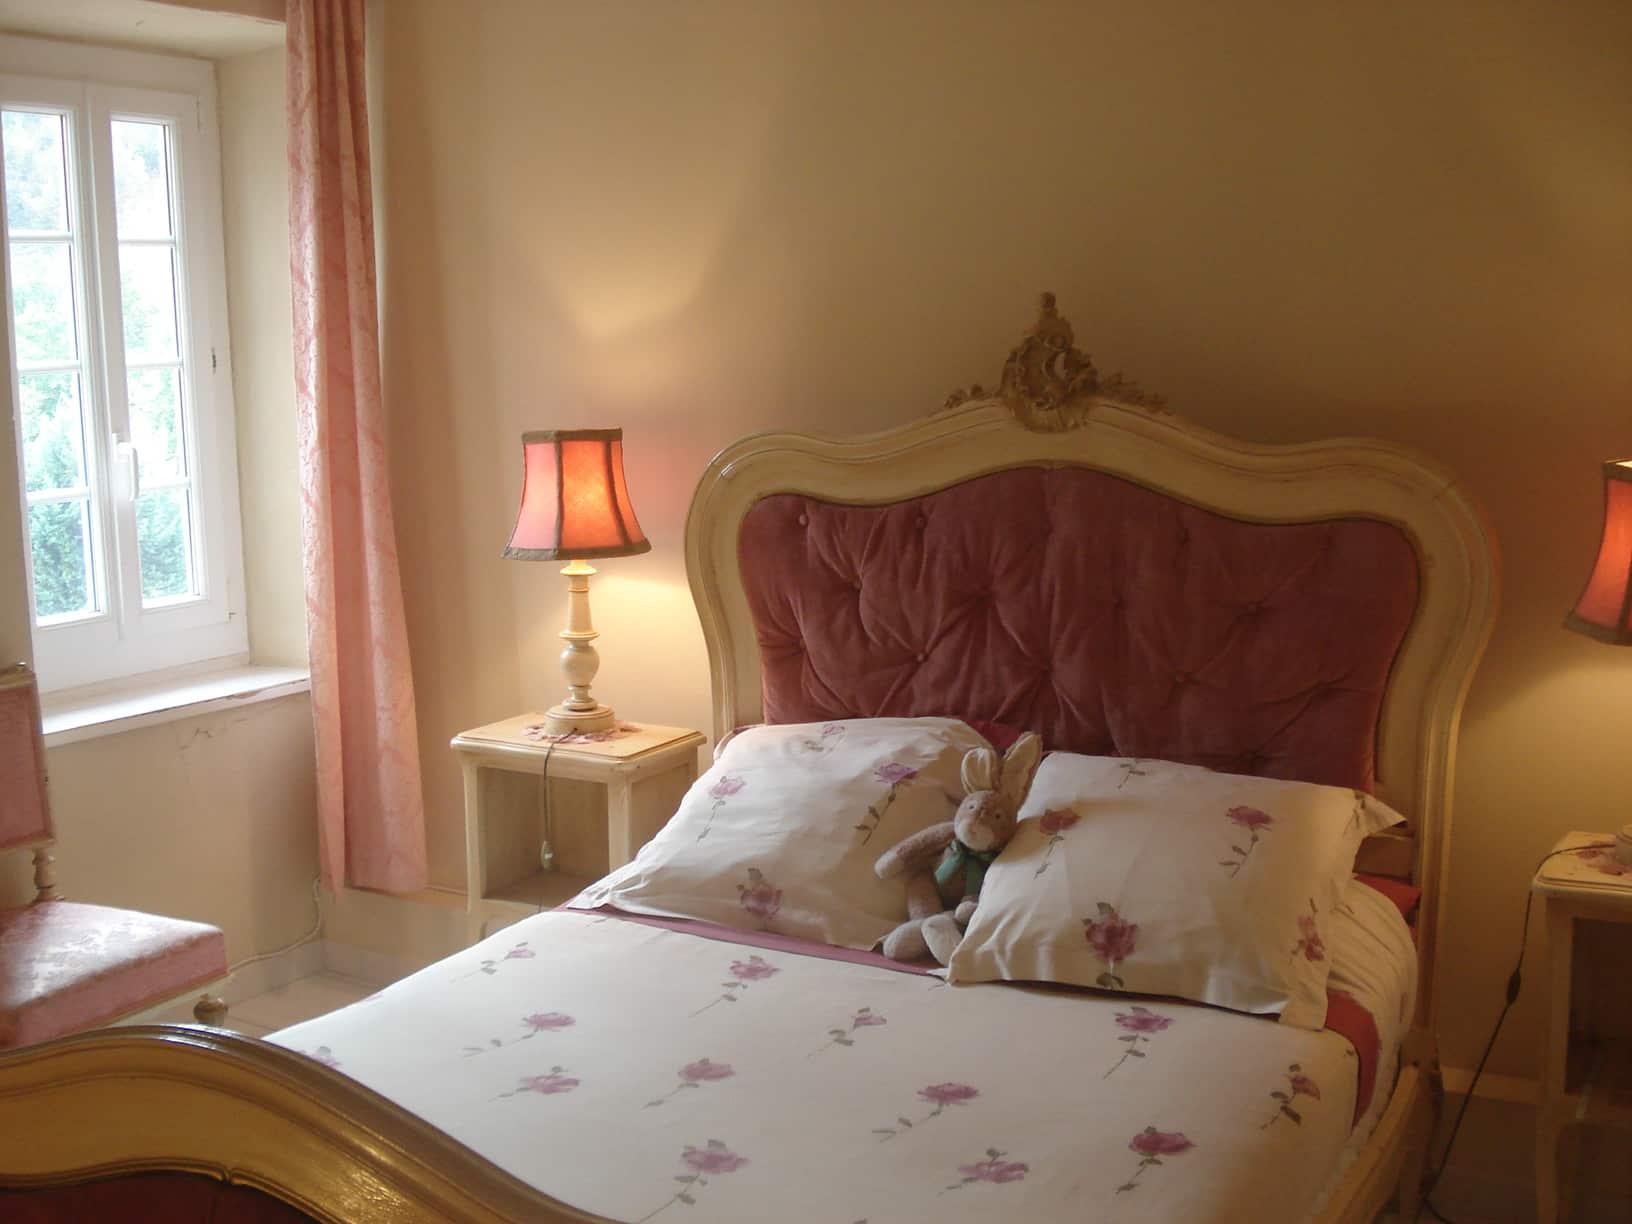 les h bergements sur le village de rennes le ch teau et ses alentours mairie de rennes le ch teau. Black Bedroom Furniture Sets. Home Design Ideas